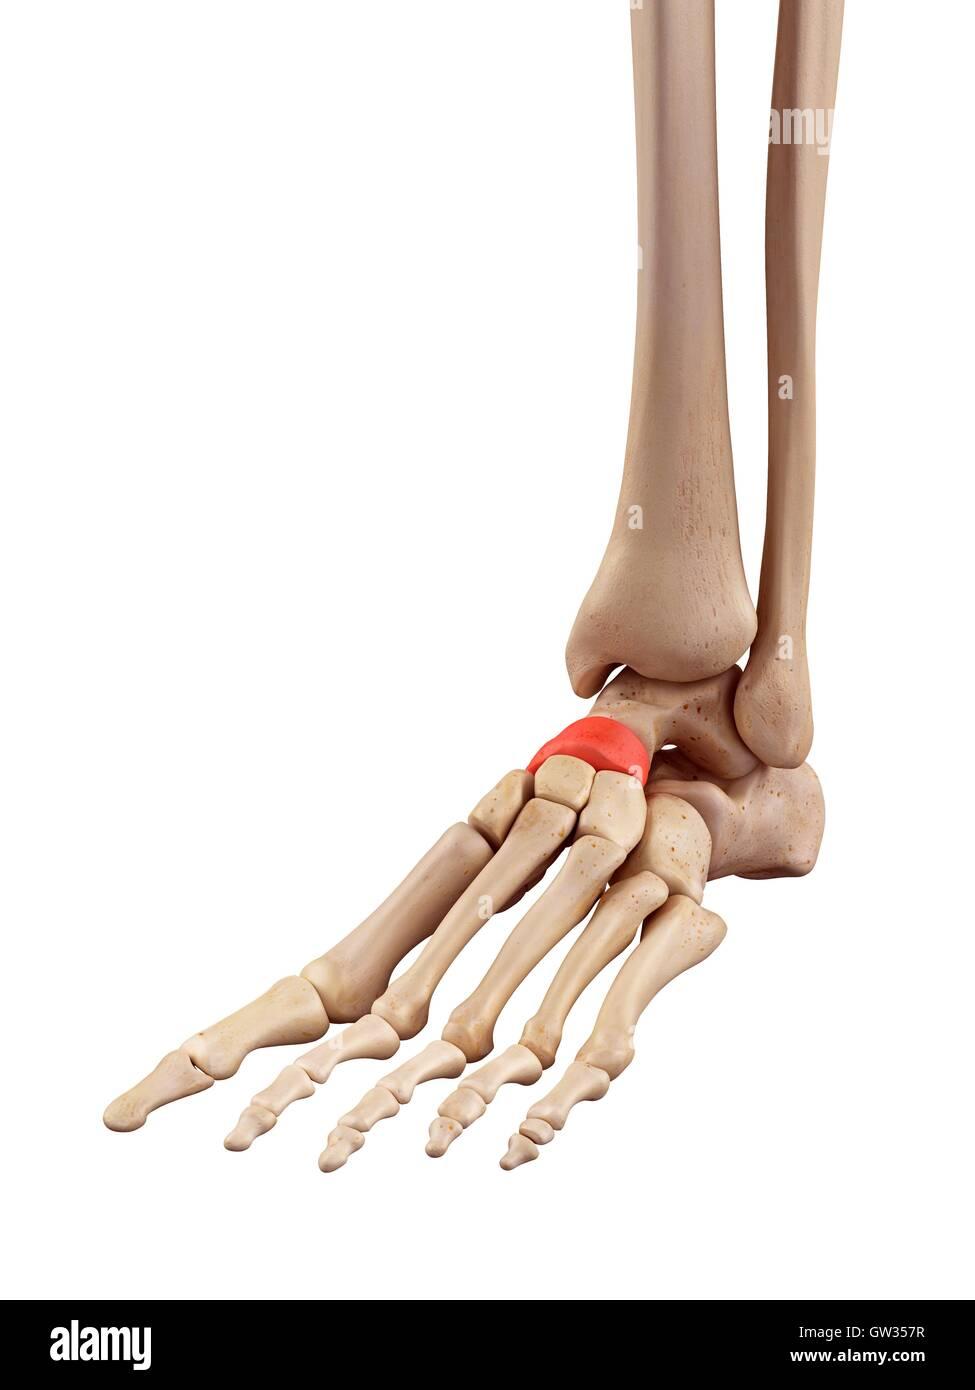 Los huesos del pie humano, ilustración Foto & Imagen De Stock ...